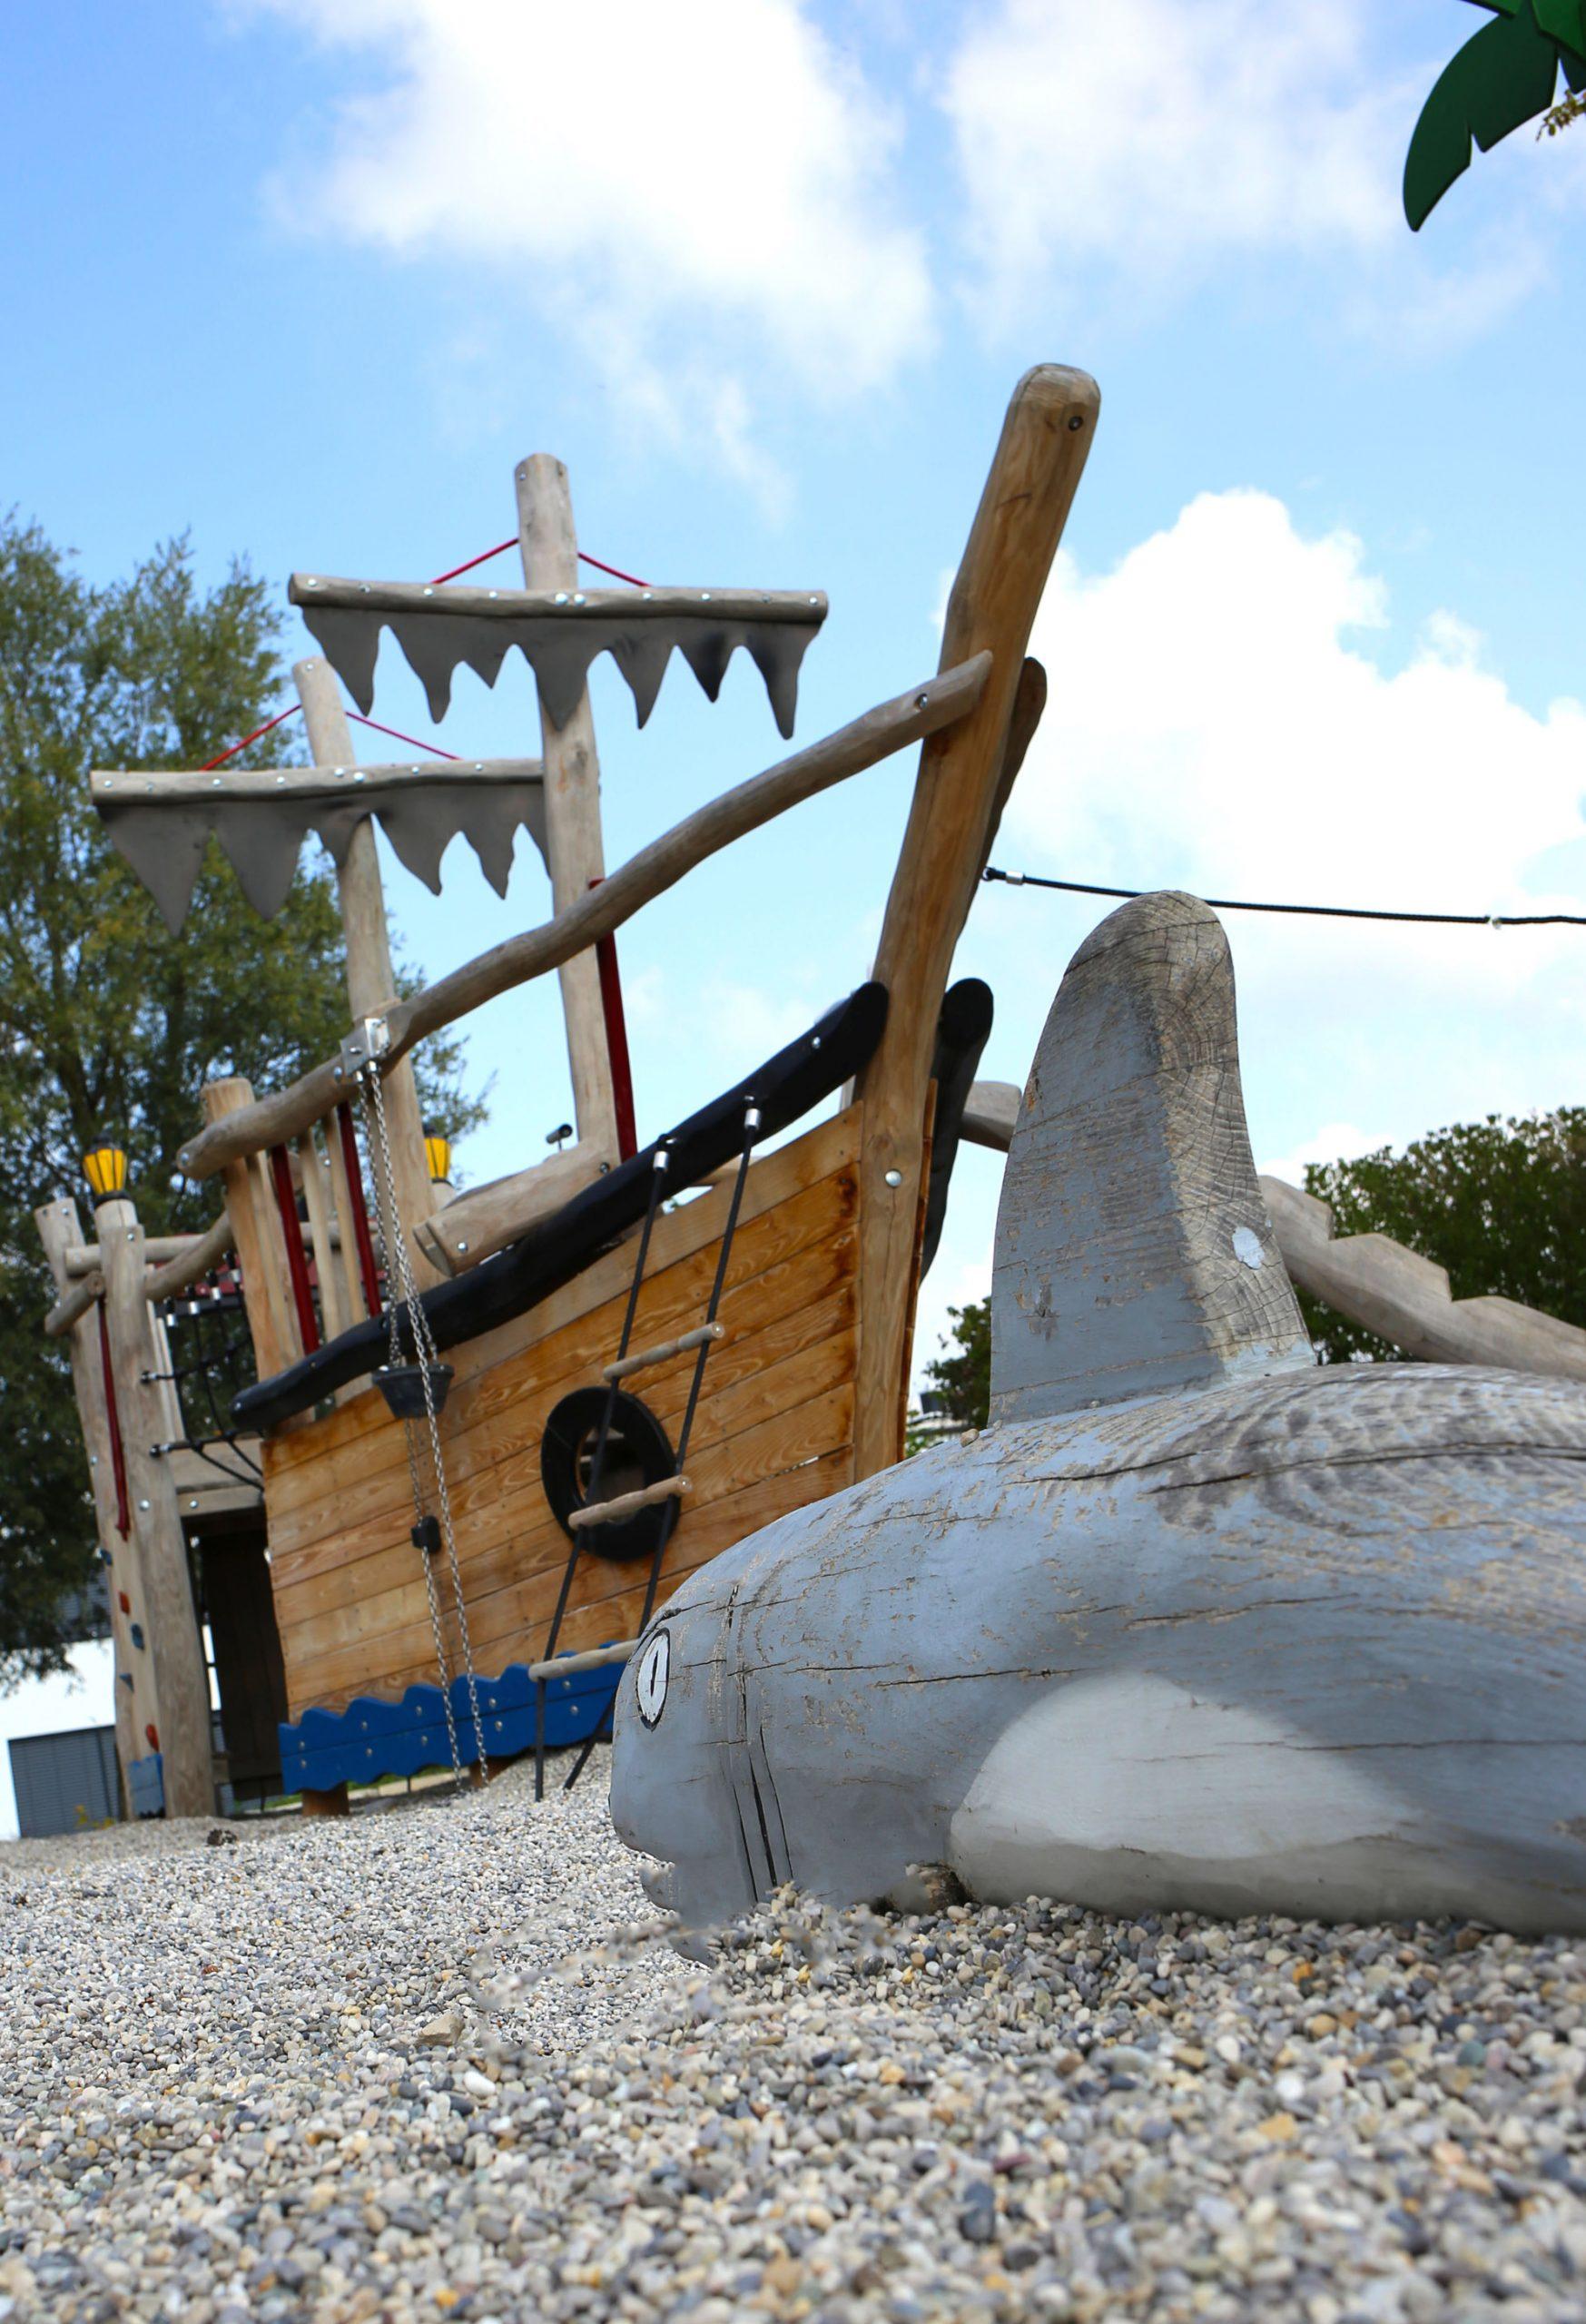 Themenspielplatz Spielschiff Robinie Piratenschiff Spielkombination Robinie Naturgewachsen Spielplatz Langlebig Sonderbau Liebe Detail Kletterkombination